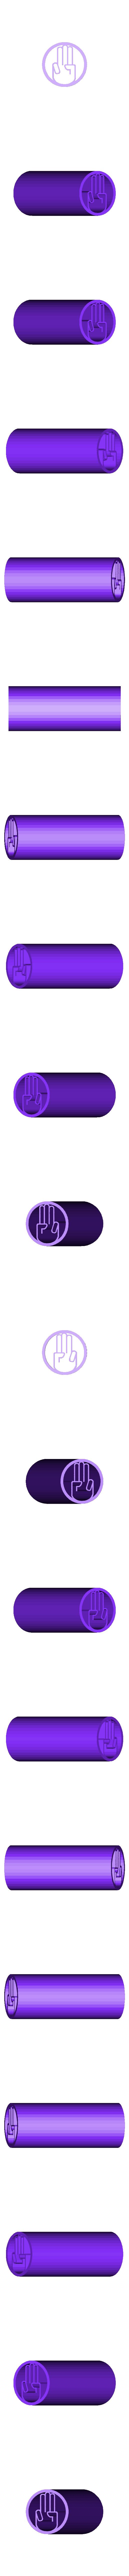 bataleon.STL Télécharger fichier STL 36 CONSEILS SUR LES FILTRES À MAUVAISES HERBES VOL.1+2+3+4 • Design pour impression 3D, SnakeCreations